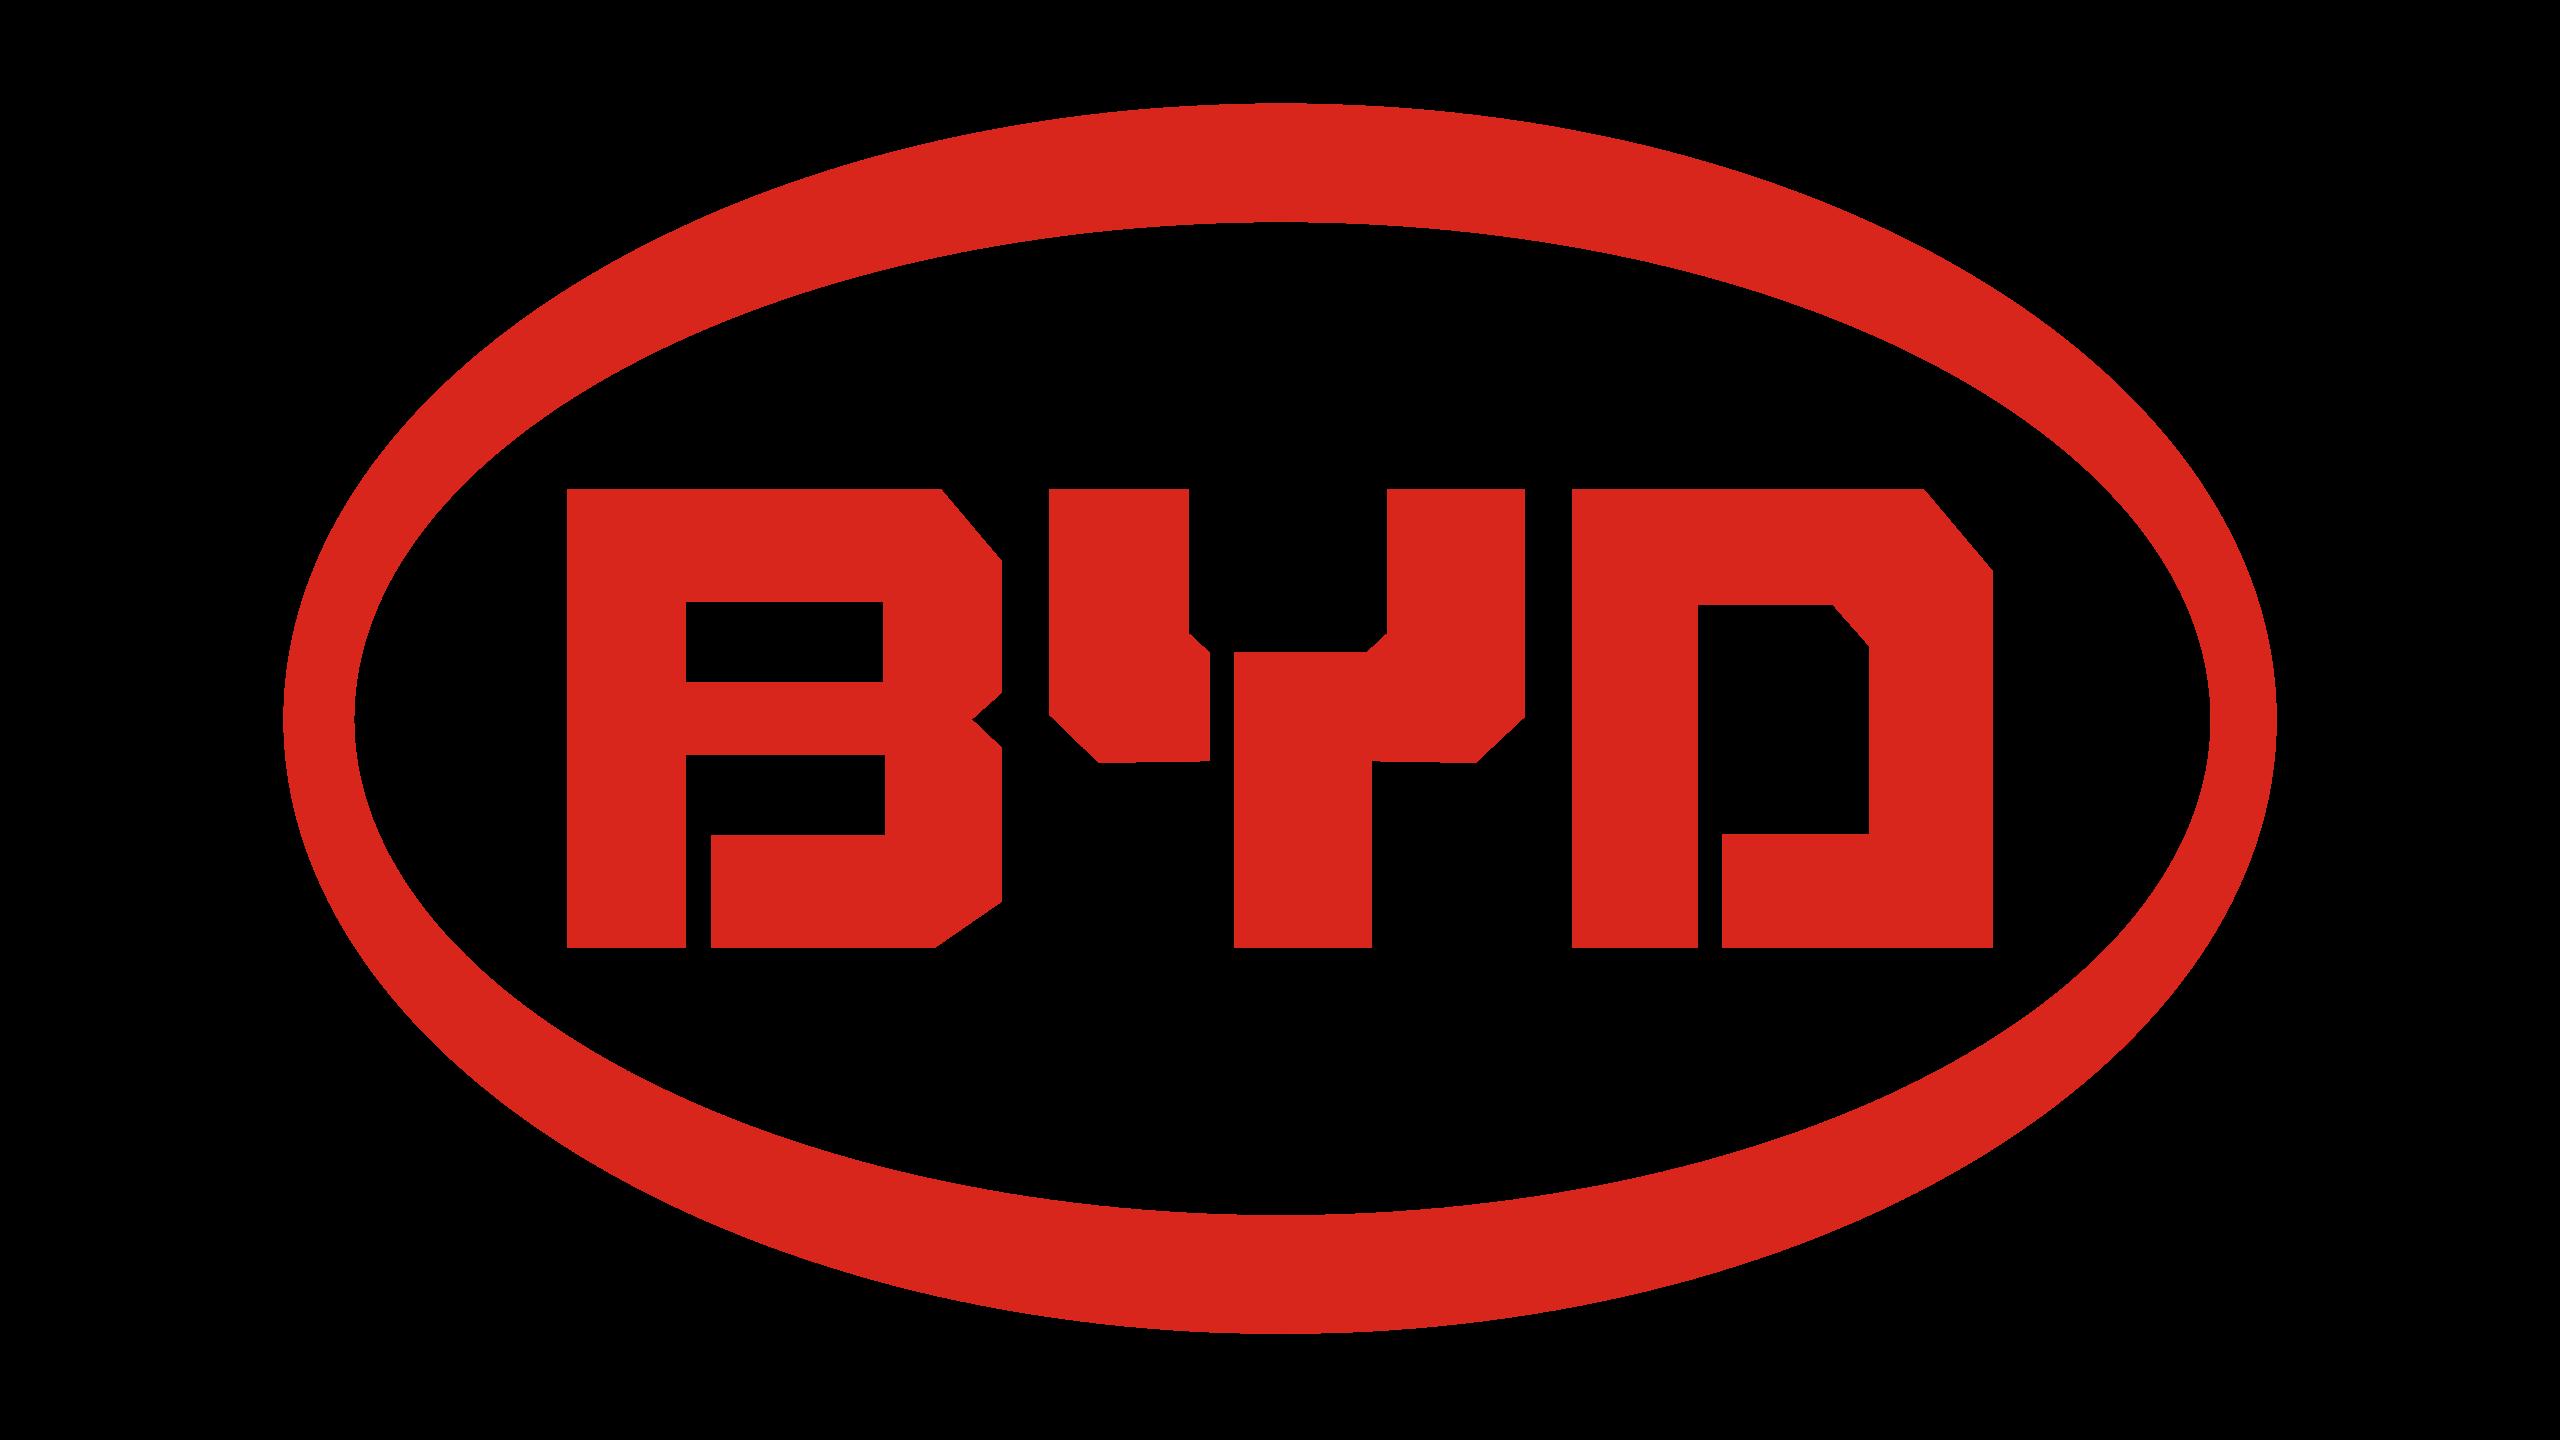 car logo bugatti transparent png stickpng